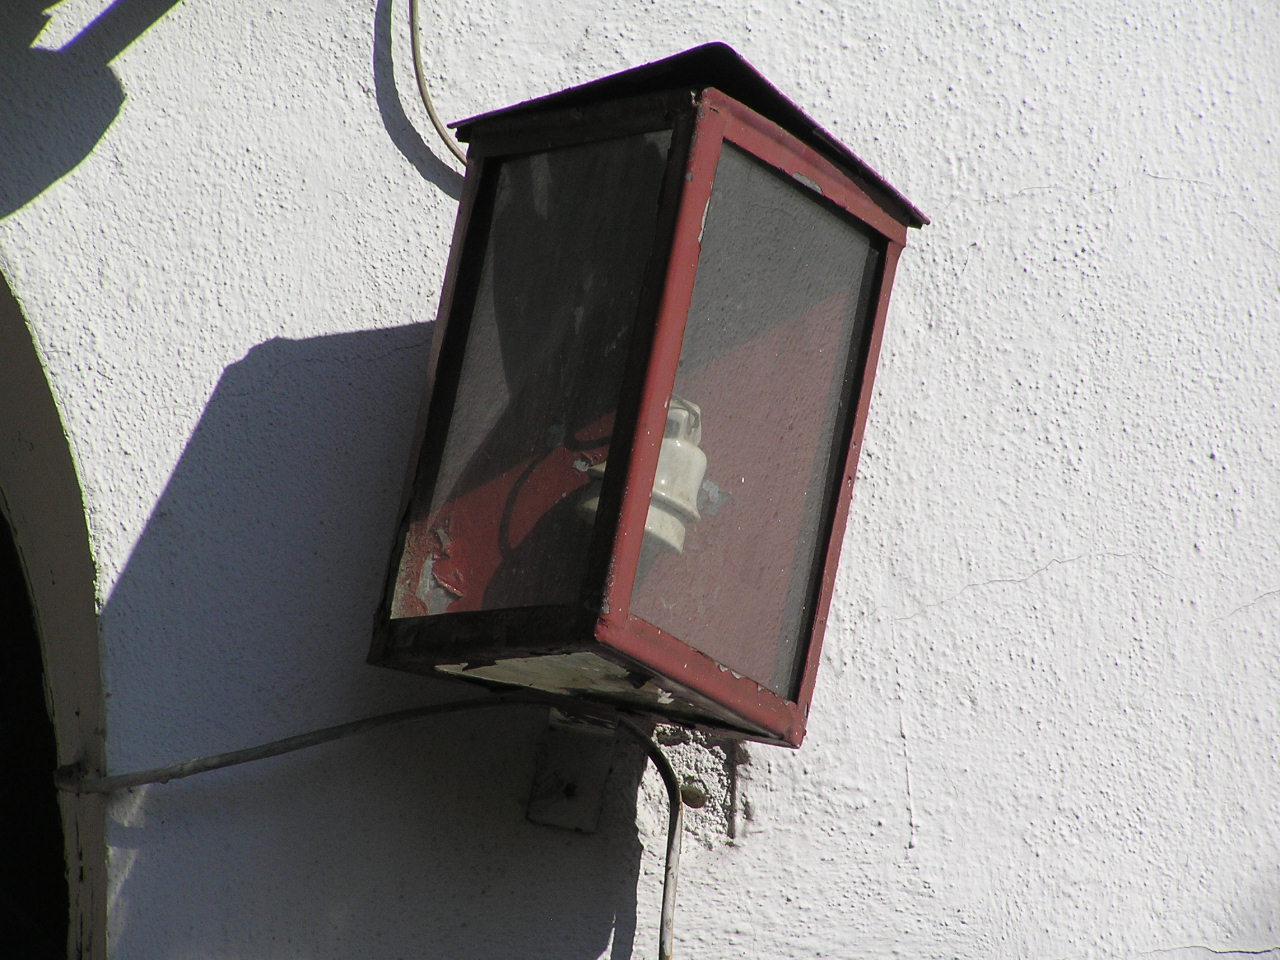 Latarenka adresowa na domu przy ulicy Byczyńskiej 10 na Grochowie